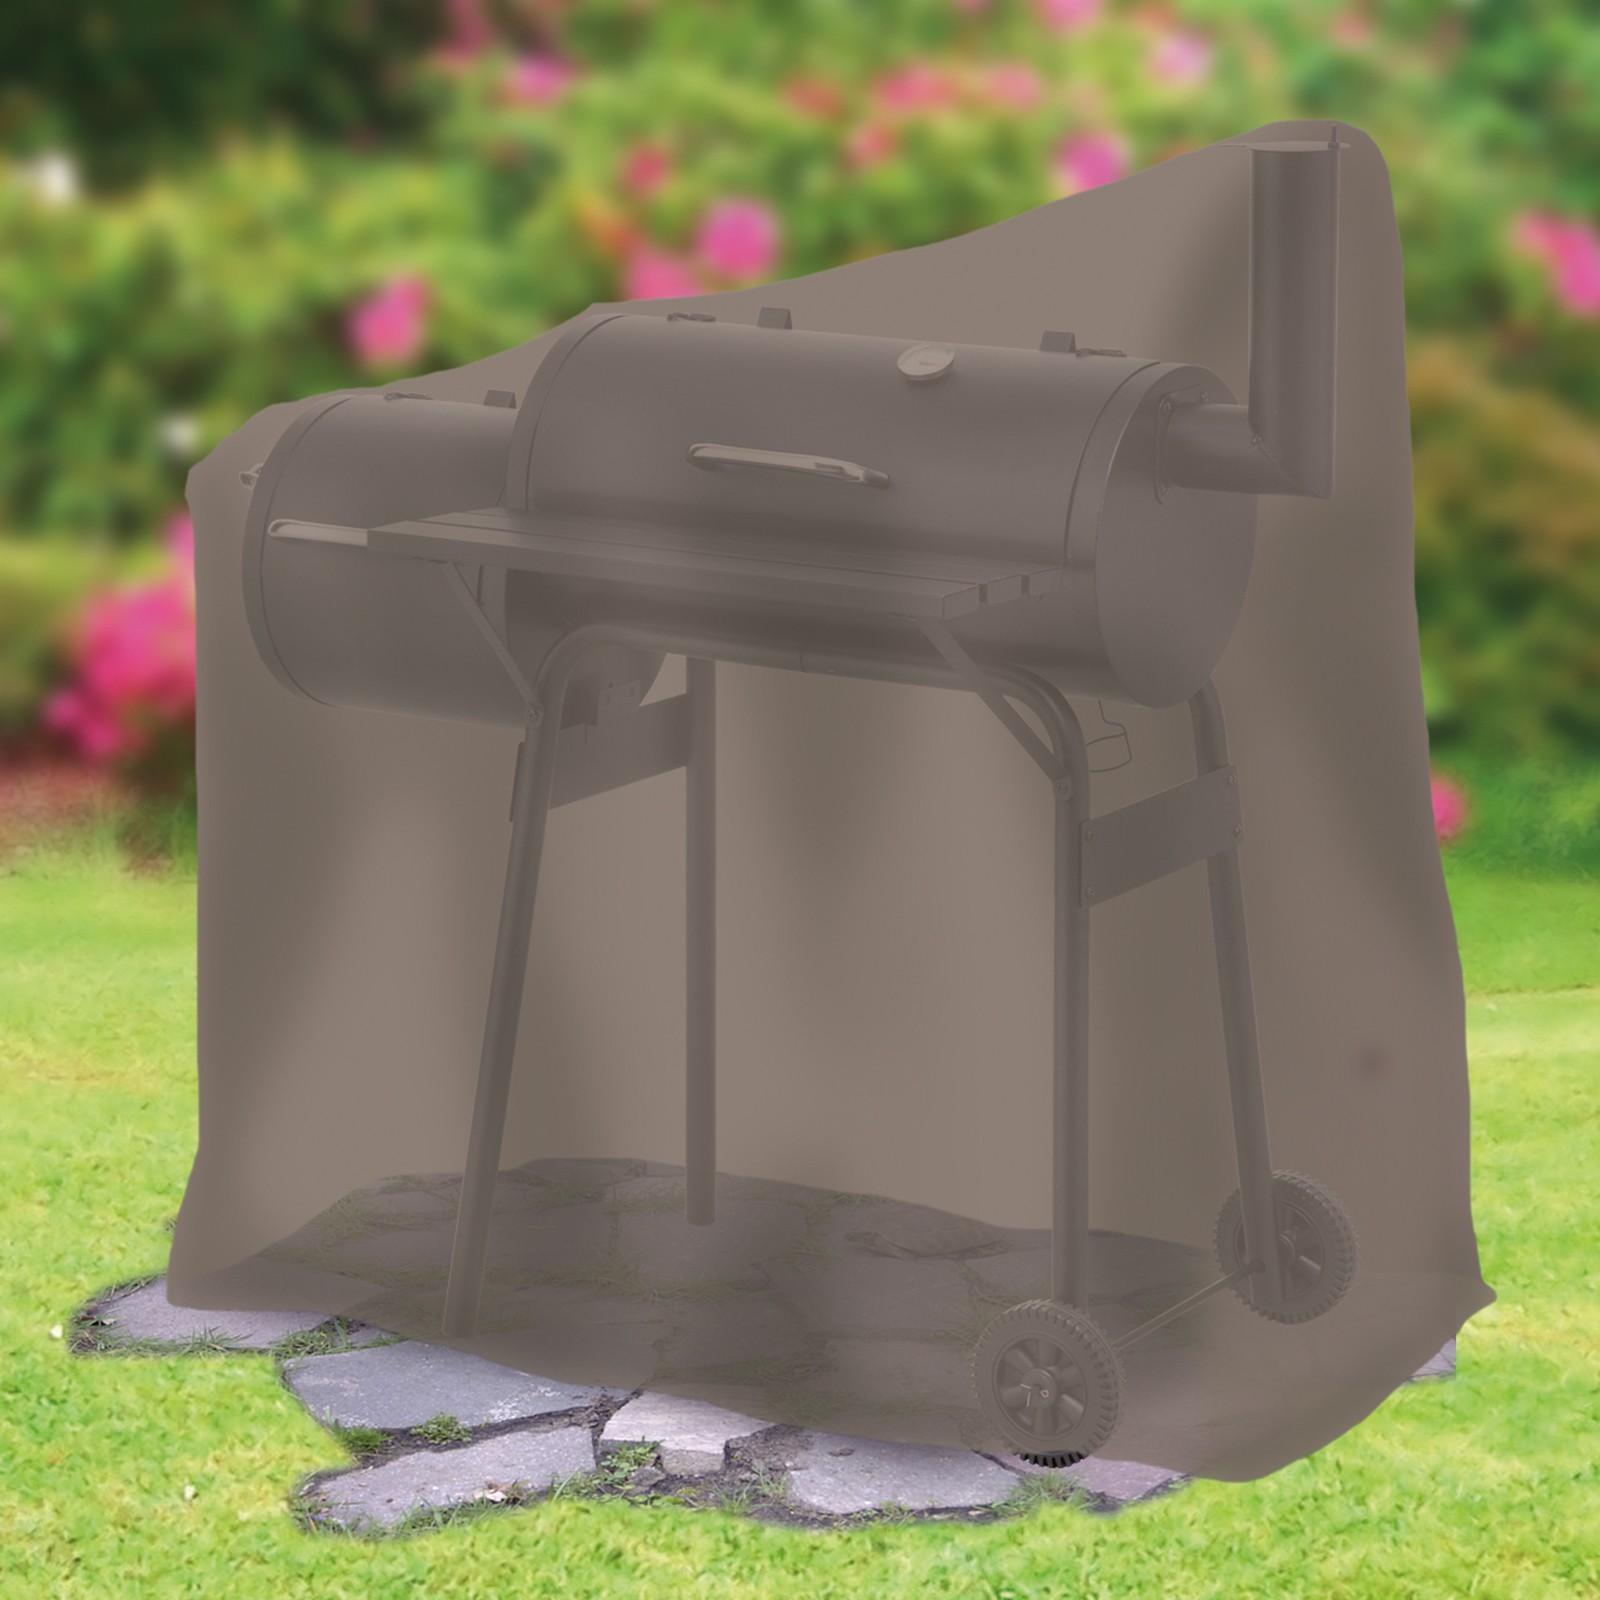 tepro grillabdeckung abdeckhaube f r smoker schutzh lle abdeckplane klein taupe ebay. Black Bedroom Furniture Sets. Home Design Ideas